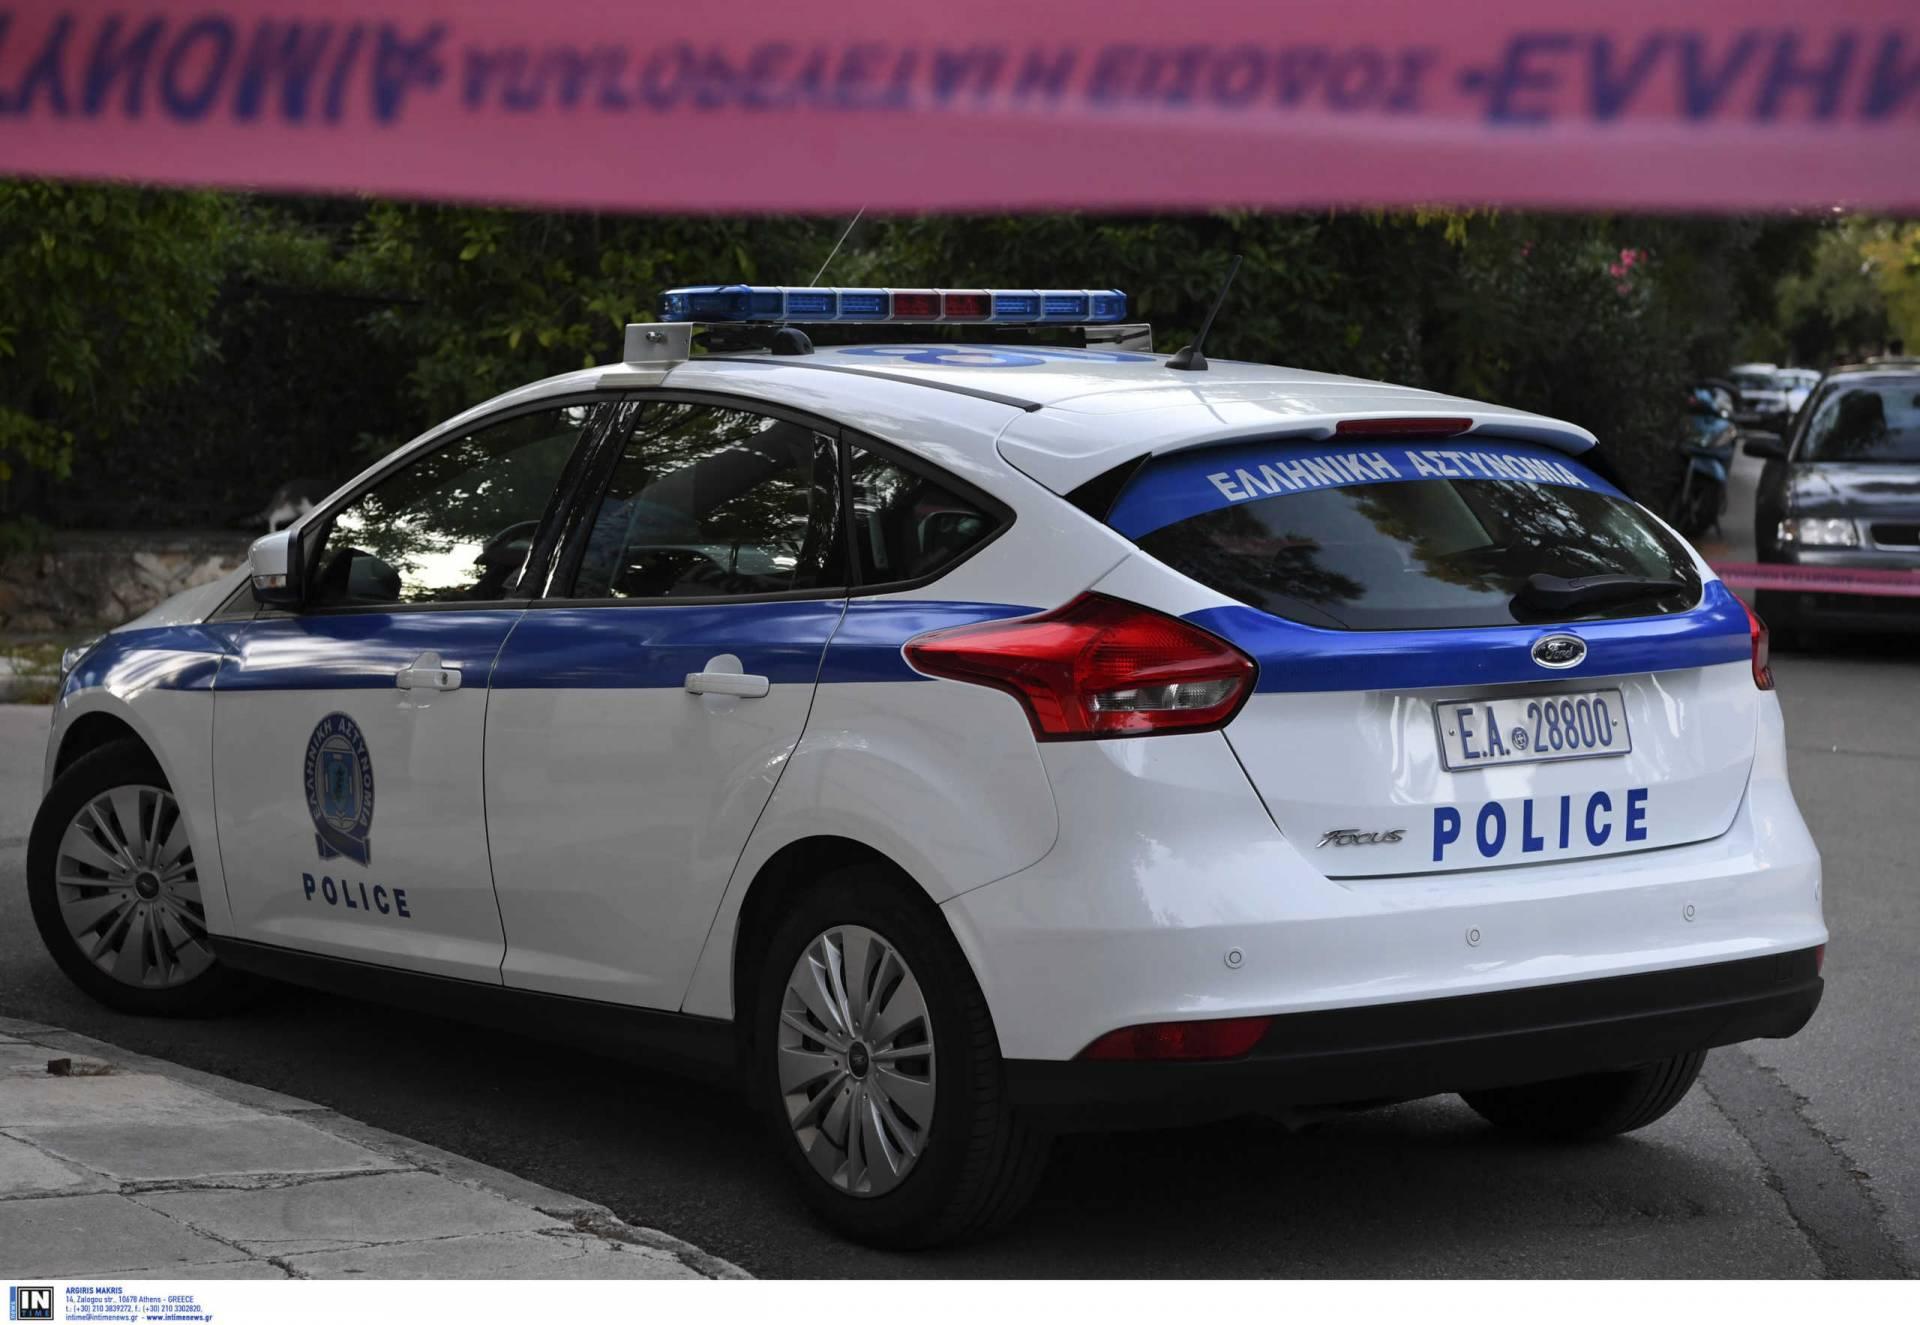 Συνελήφθη, από αστυνομικούς της Ομάδας Δίωξης Ναρκωτικών του Τμήματος Ασφάλειας Εορδαίας, 47χρονος στην Κοζάνη για διακίνηση και κατοχή ναρκωτικών ουσιών (Φωτογραφία)